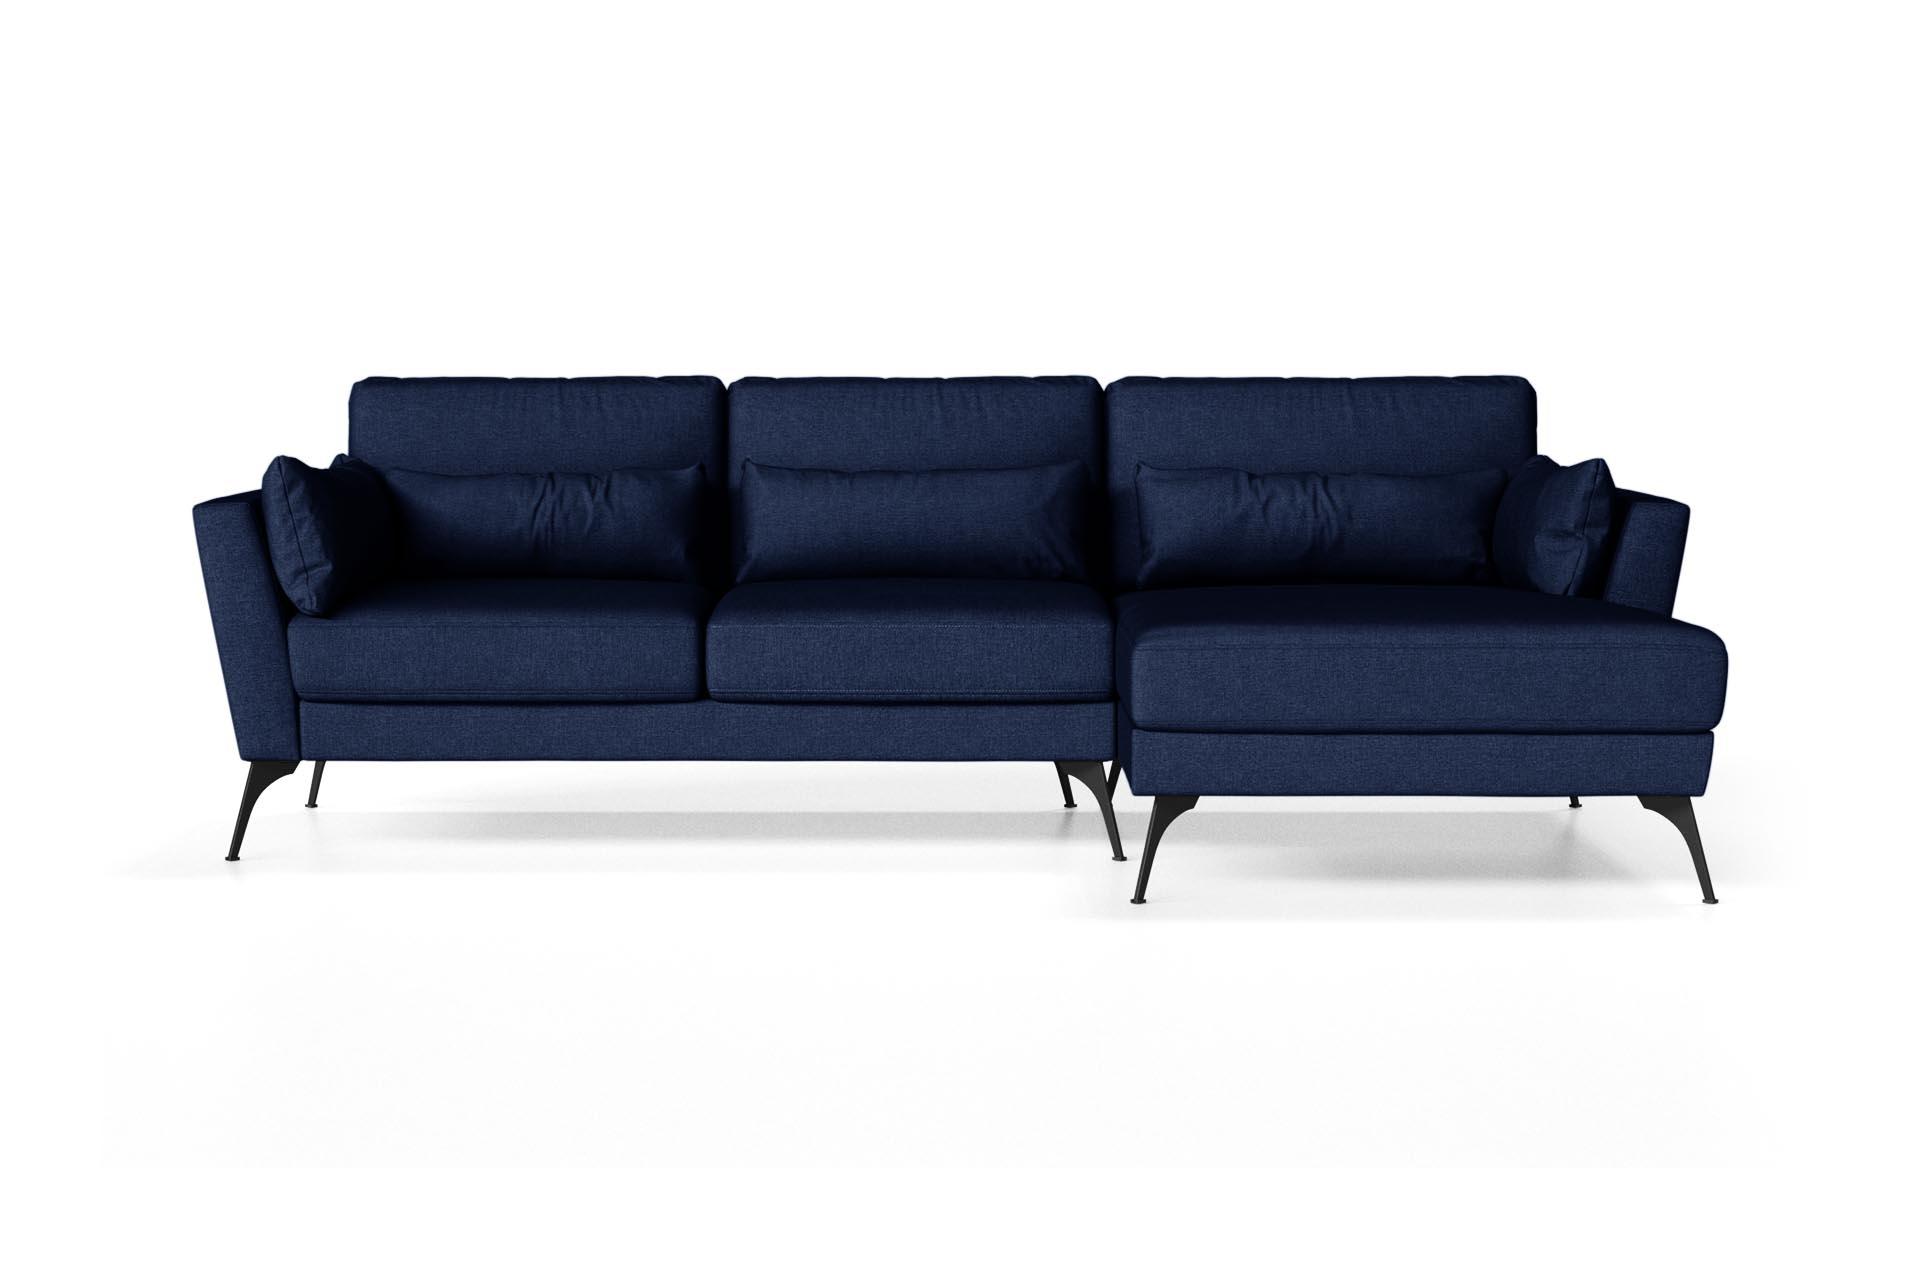 Canapé d'angle droit 4 places toucher lin bleu